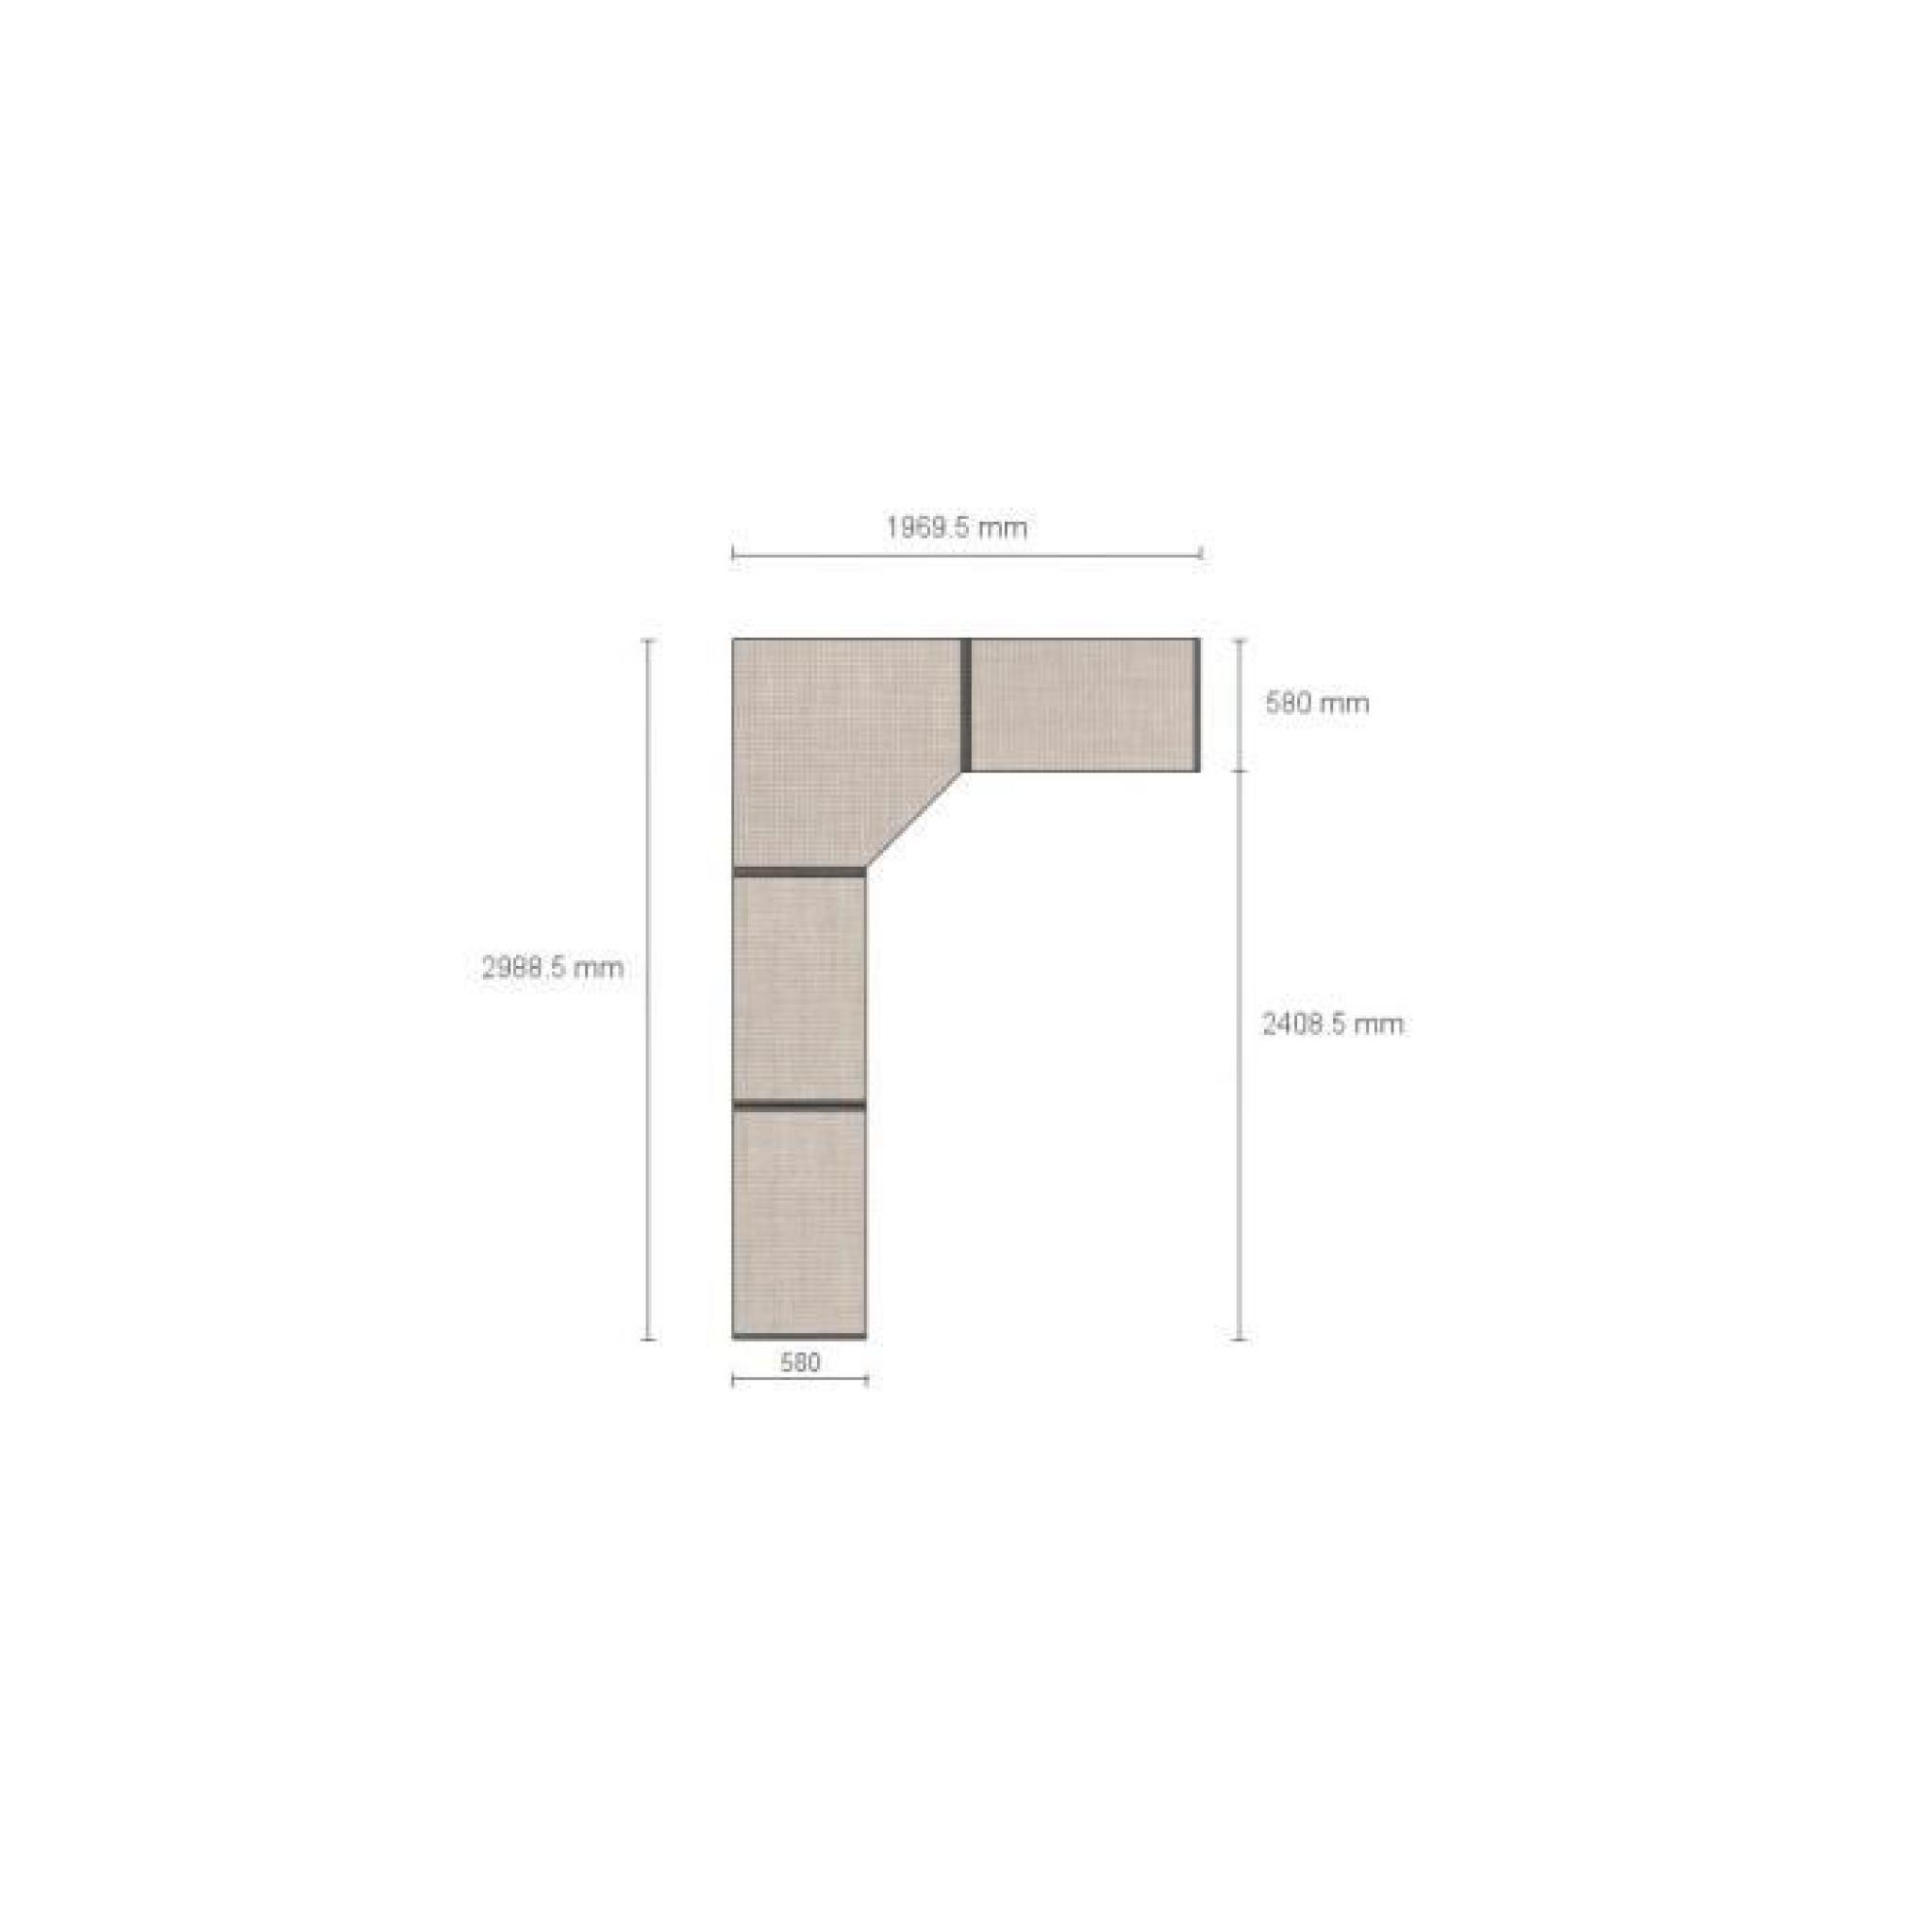 dressing d 39 angle solano l297 x l197 x h240 bois achat vente dressing pas cher couleur et. Black Bedroom Furniture Sets. Home Design Ideas